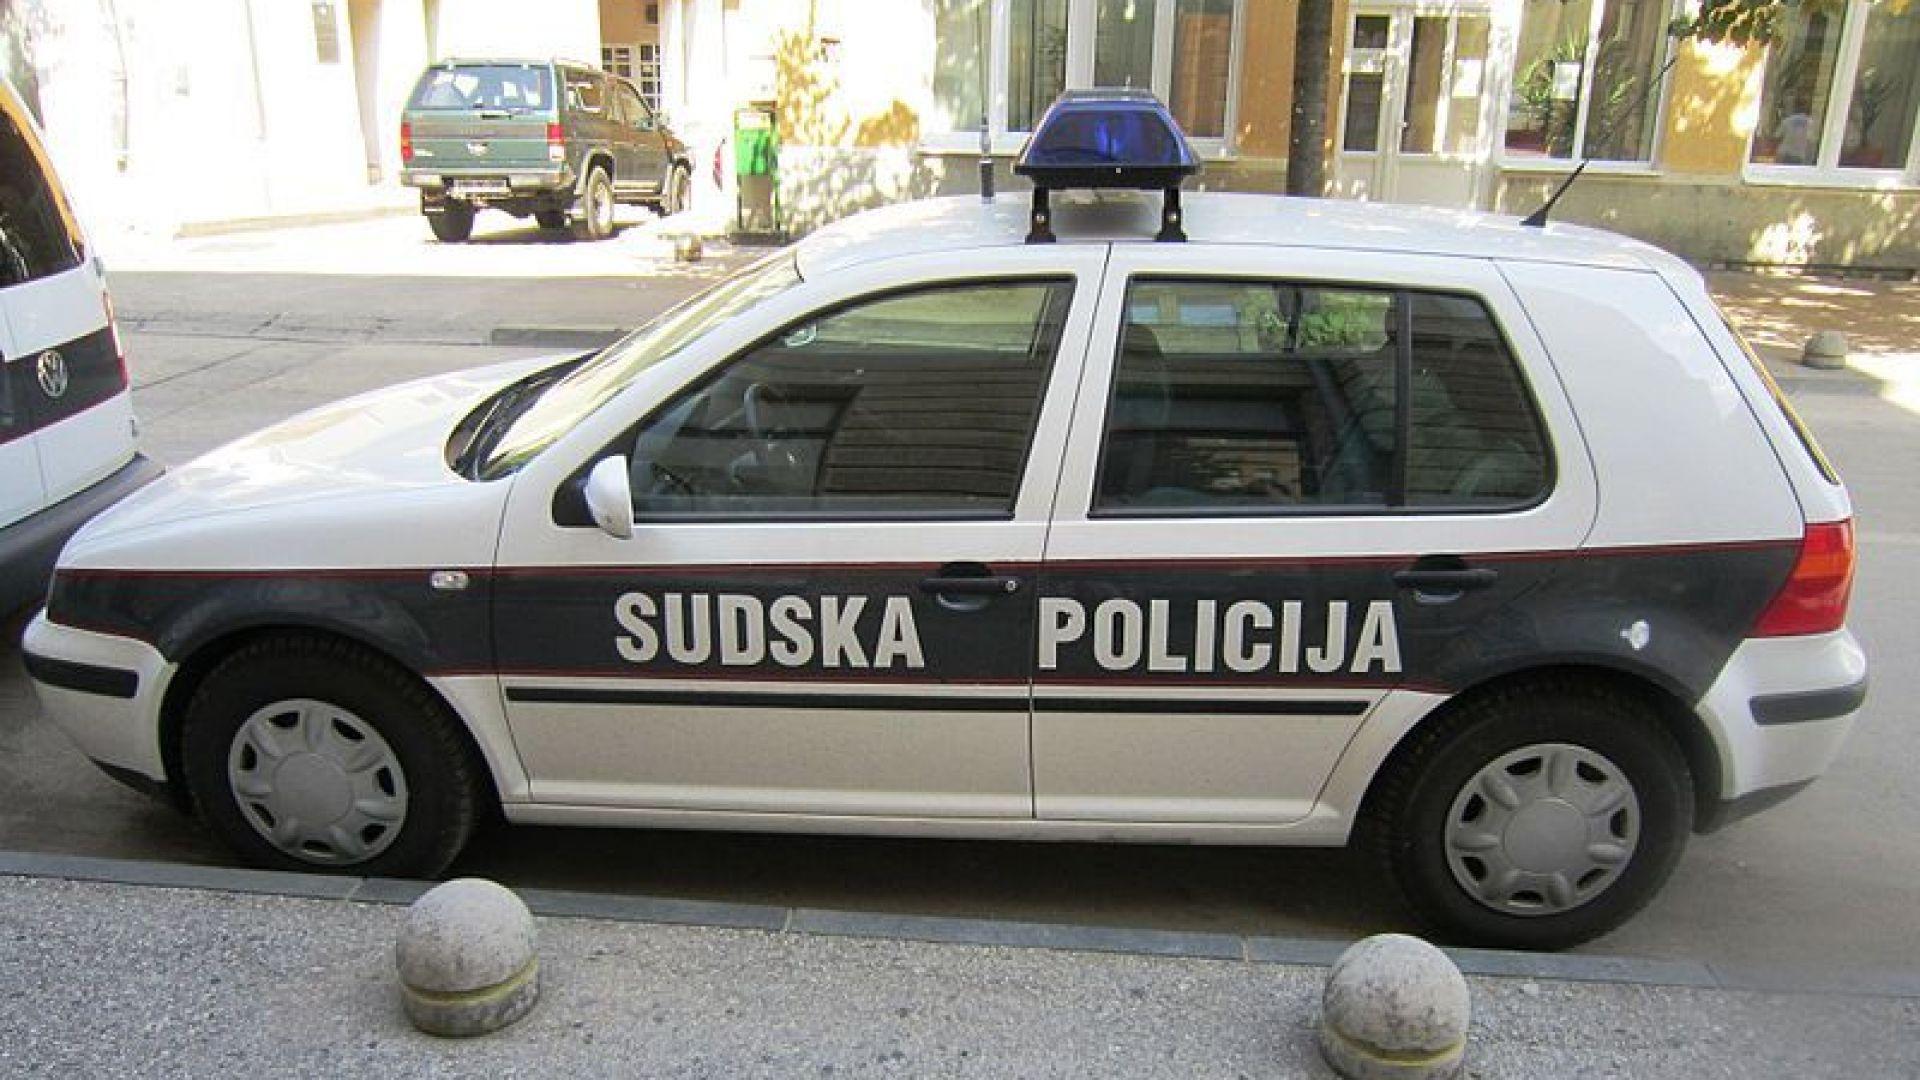 Полицаи ликвидираха най-издирвания престъпник в Босна в престрелка